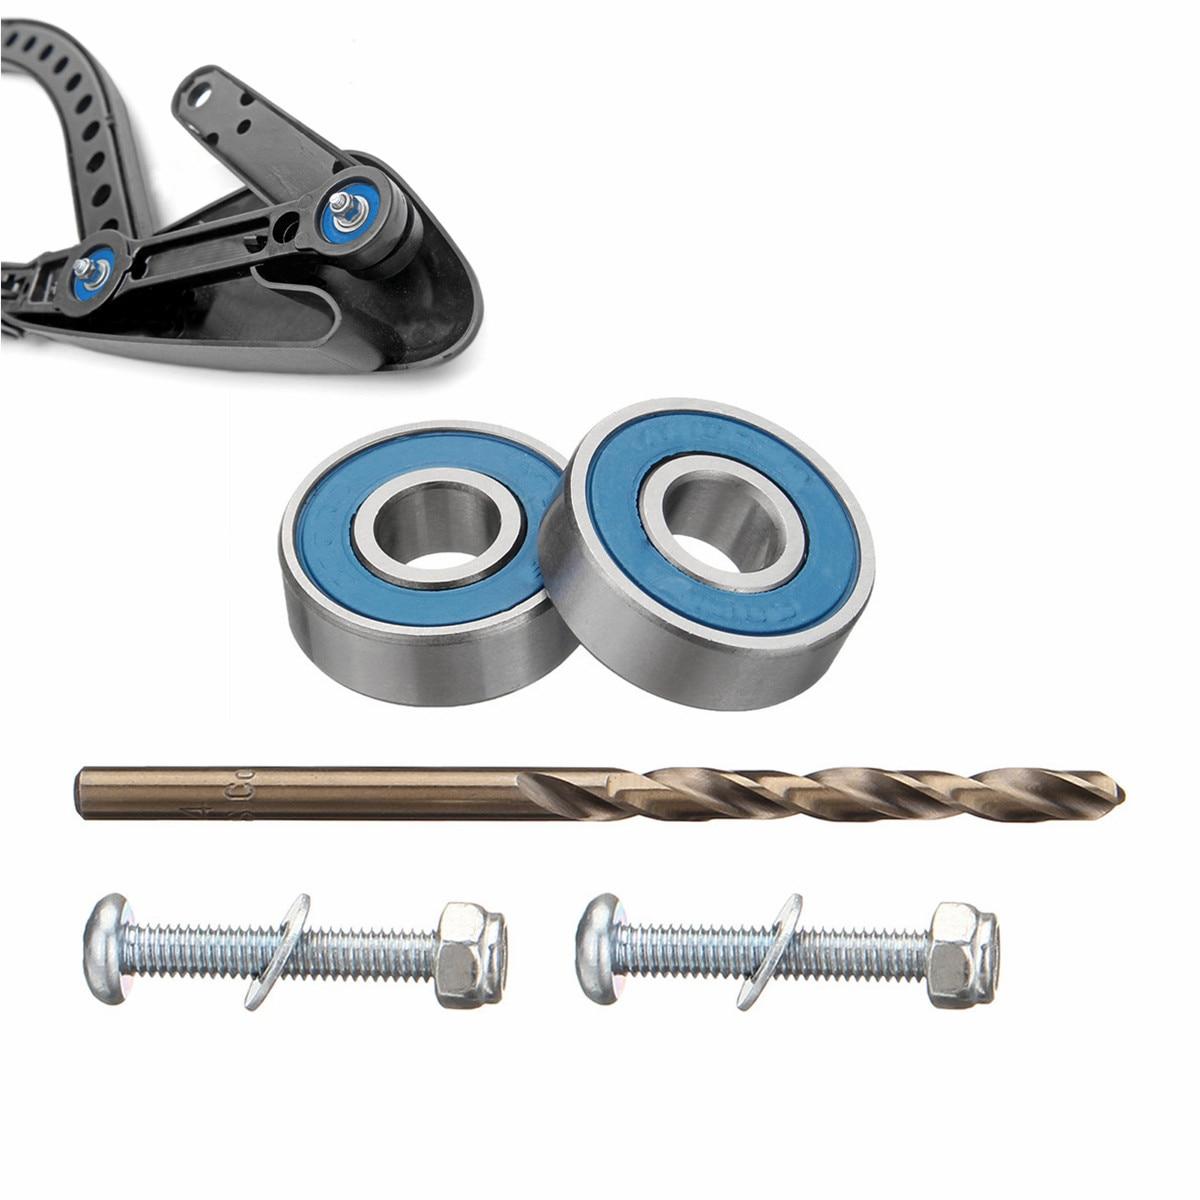 For Renault Scenic II & Grand Scenic 2 DIY Driver Wiper Arm Repair Set W/ Manual